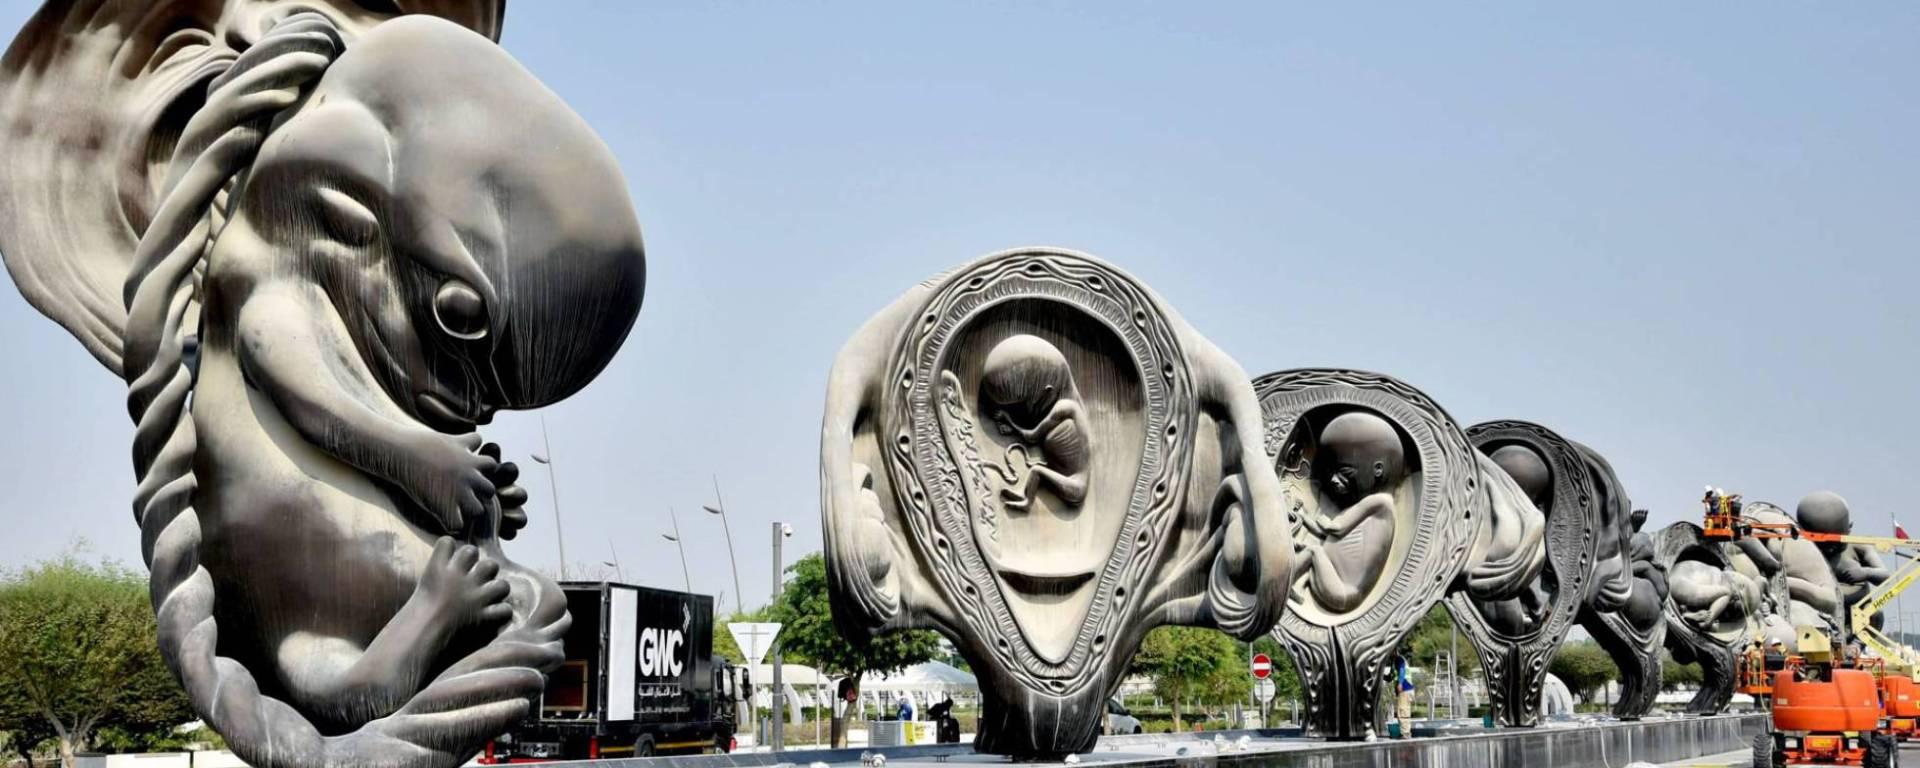 Esculturas da instalação 'A Viagem Maravilhosa' diante do hospital Sidra, no Catar. AFP